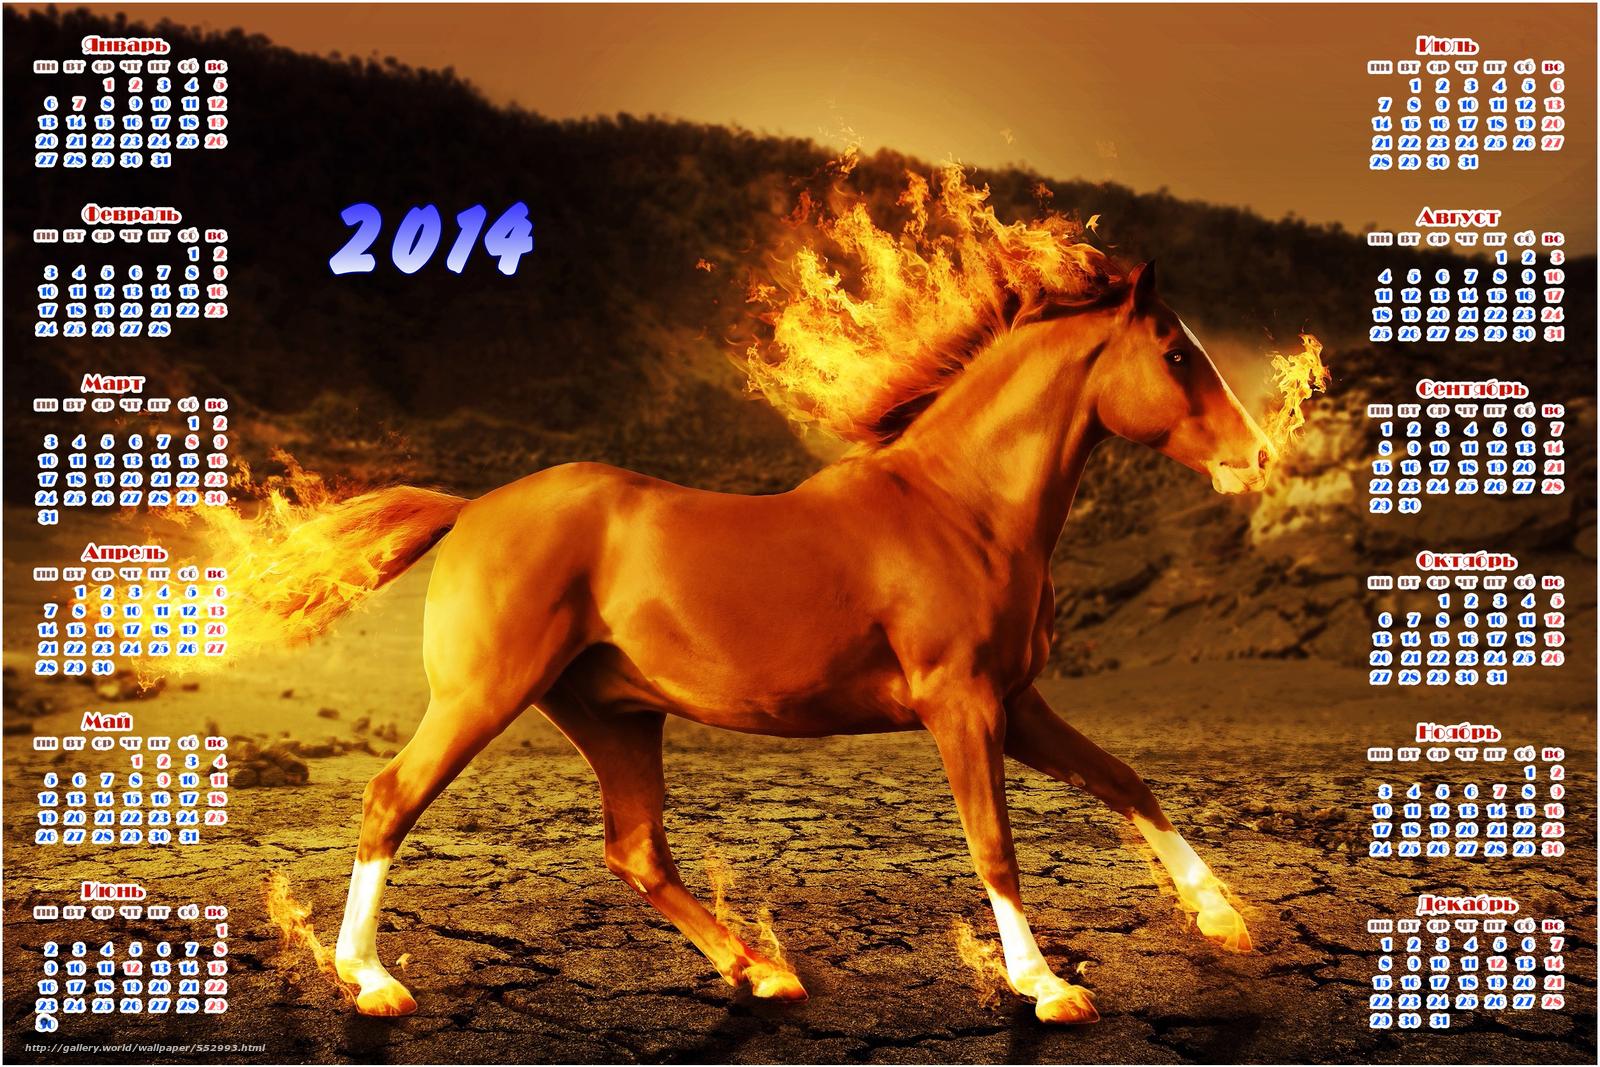 Картинки 2014, календарь, год лошади, обои для рабочего стола #552993